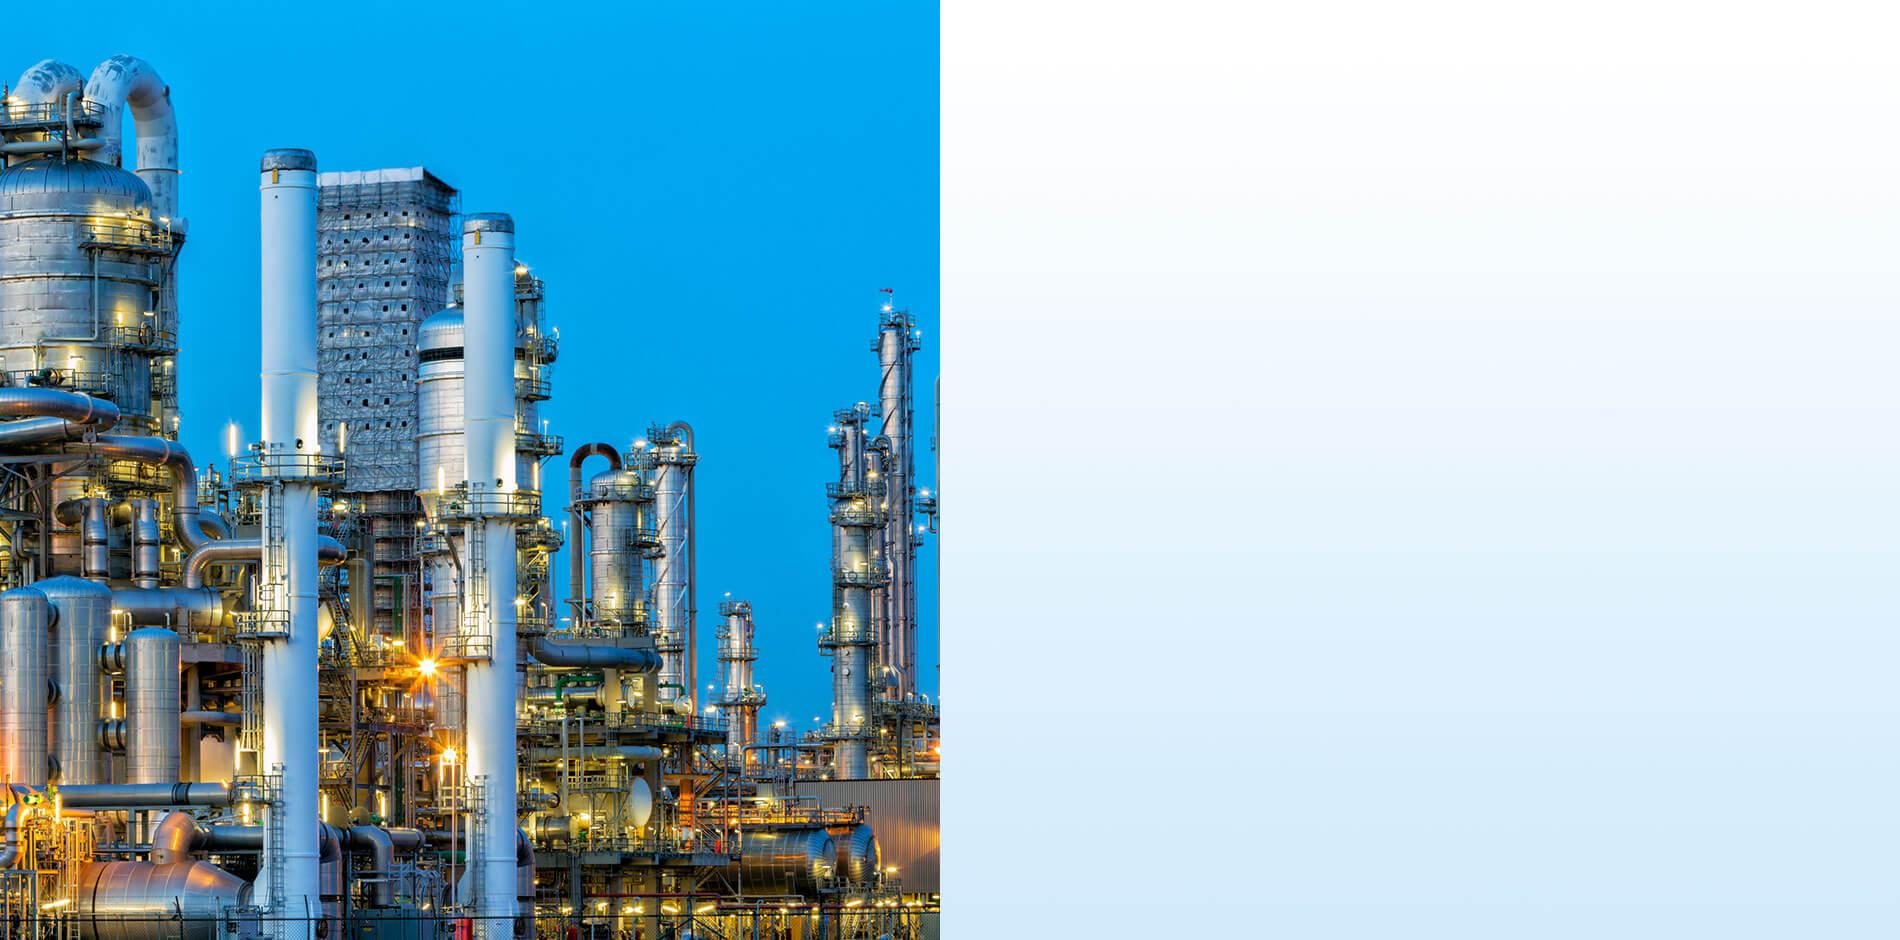 Concentration de liquides et Zero Liquid Discharge (ZLD) (zéro rejet liquide)